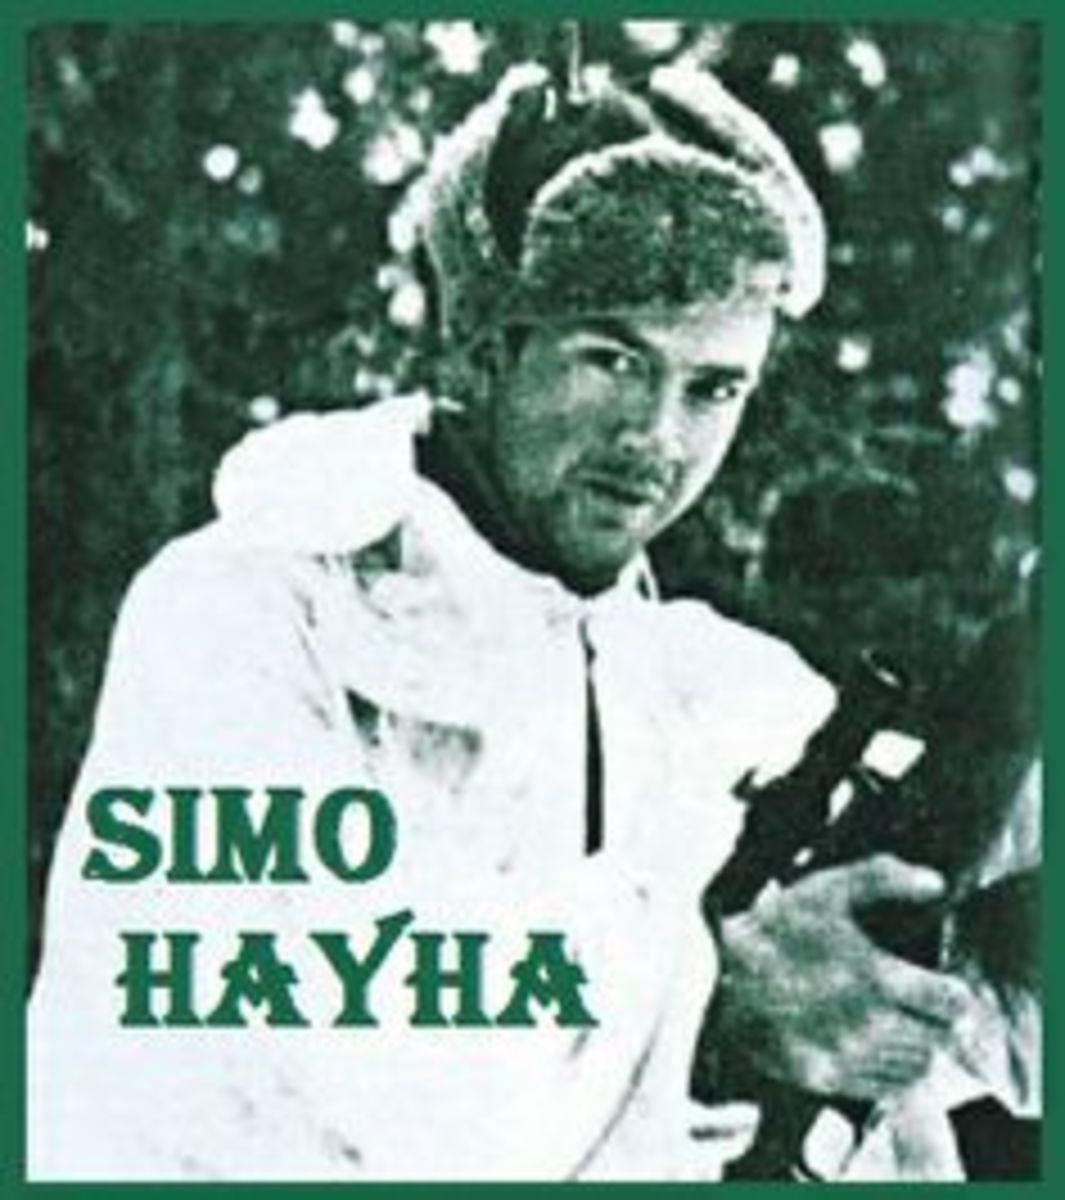 Simo Hayha